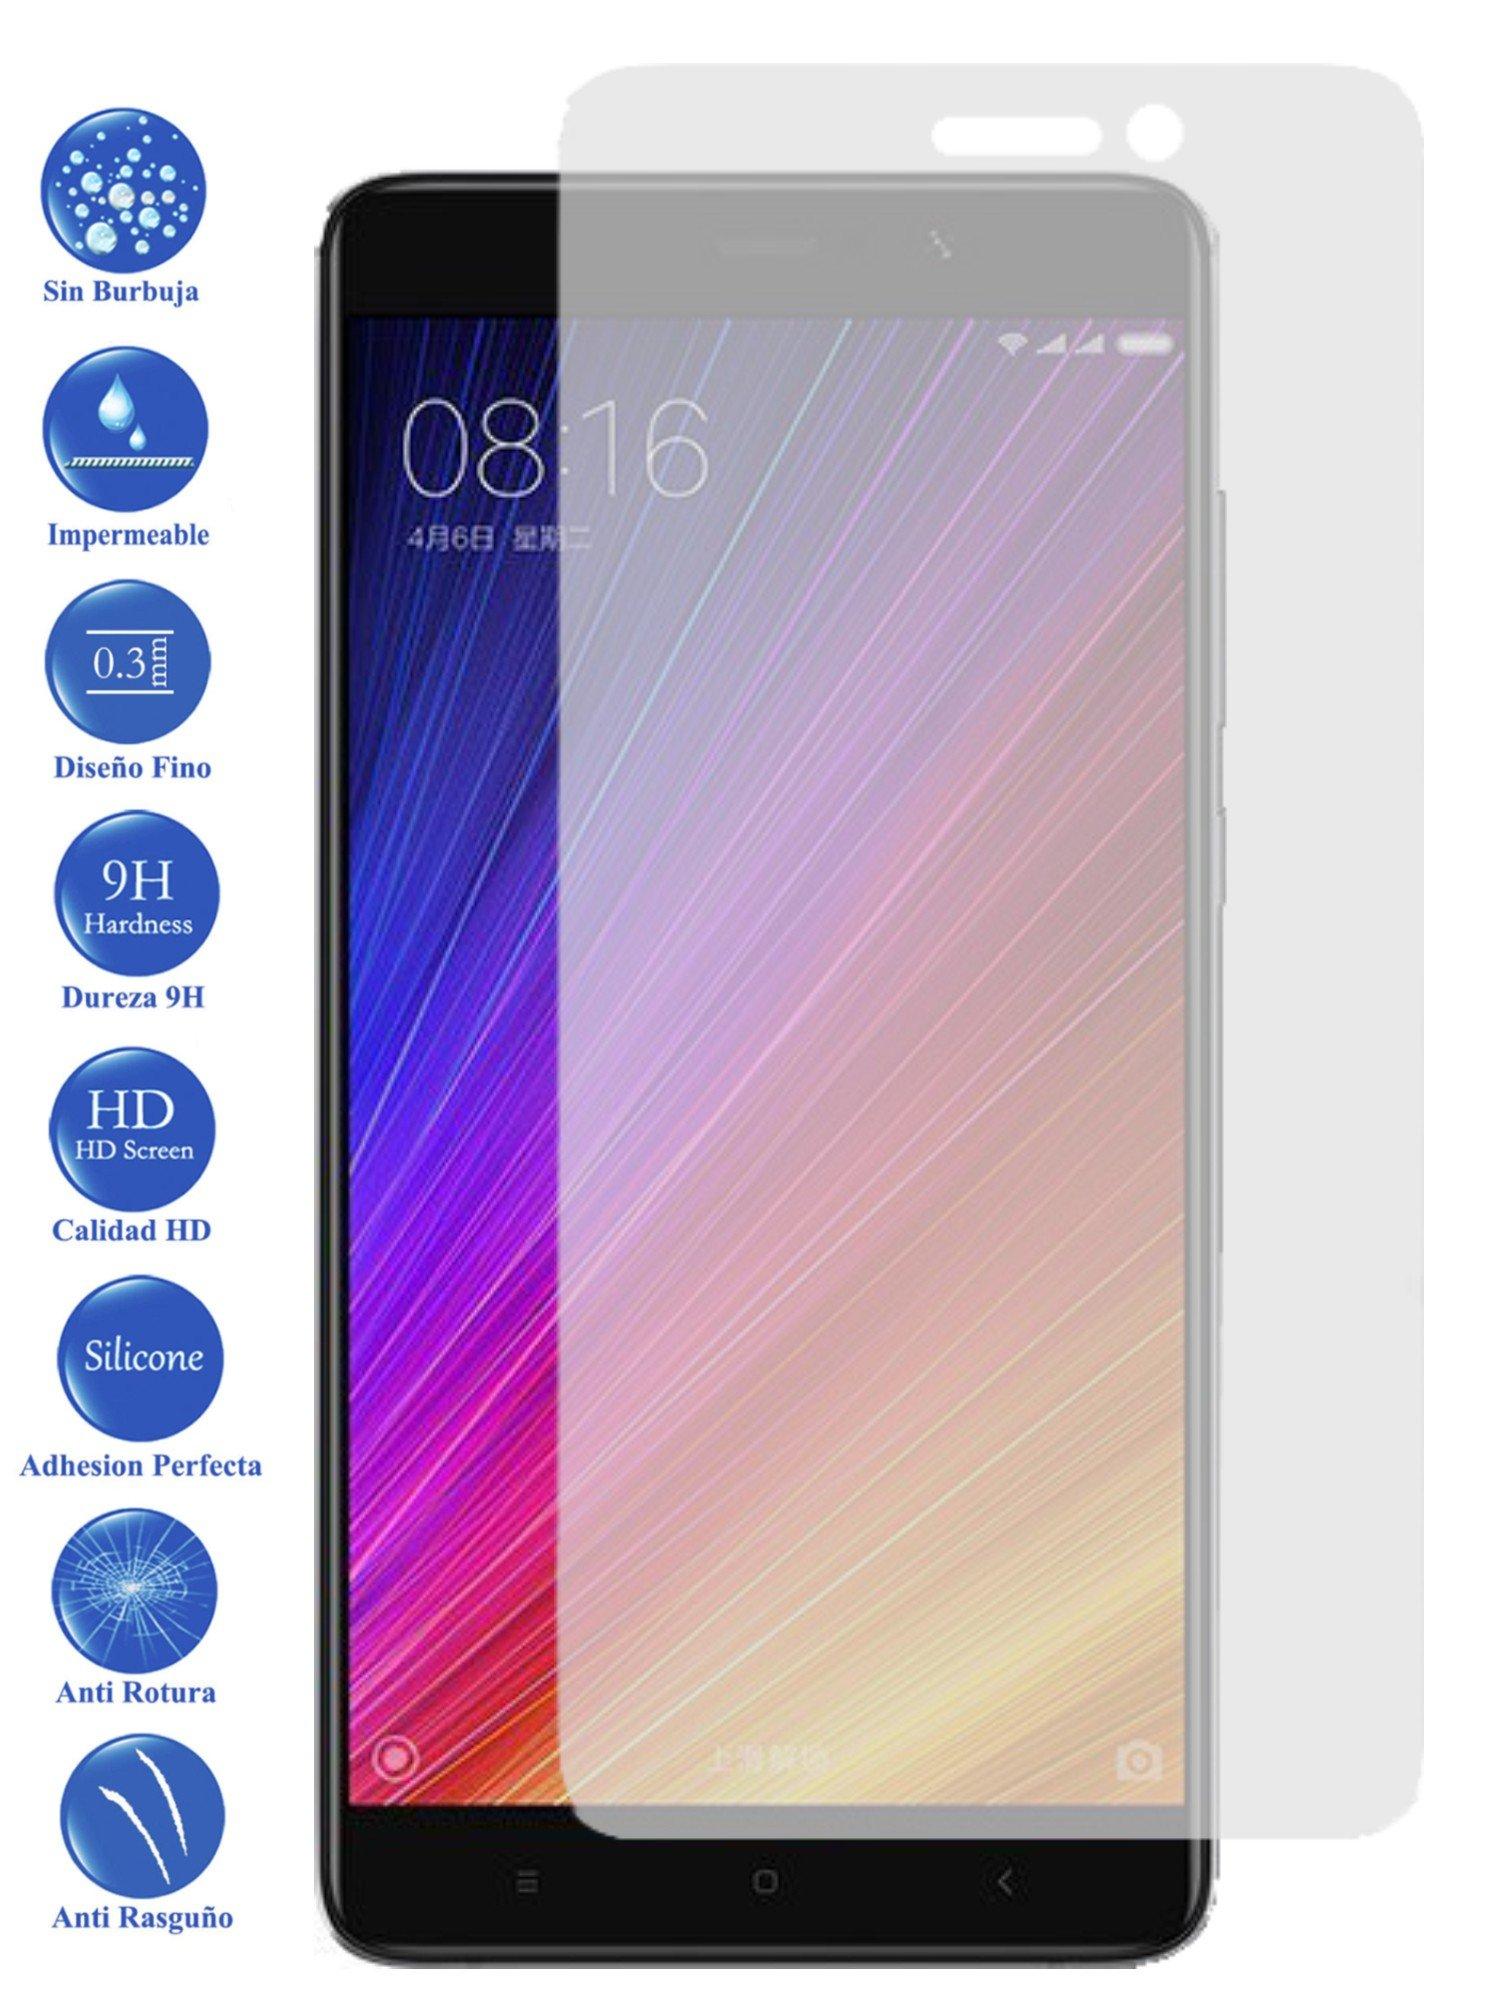 Todotumovil Protector de Pantalla Xiaomi MI5S Plus de Cristal Templado Vidrio 9H para movil: Amazon.es: Electrónica